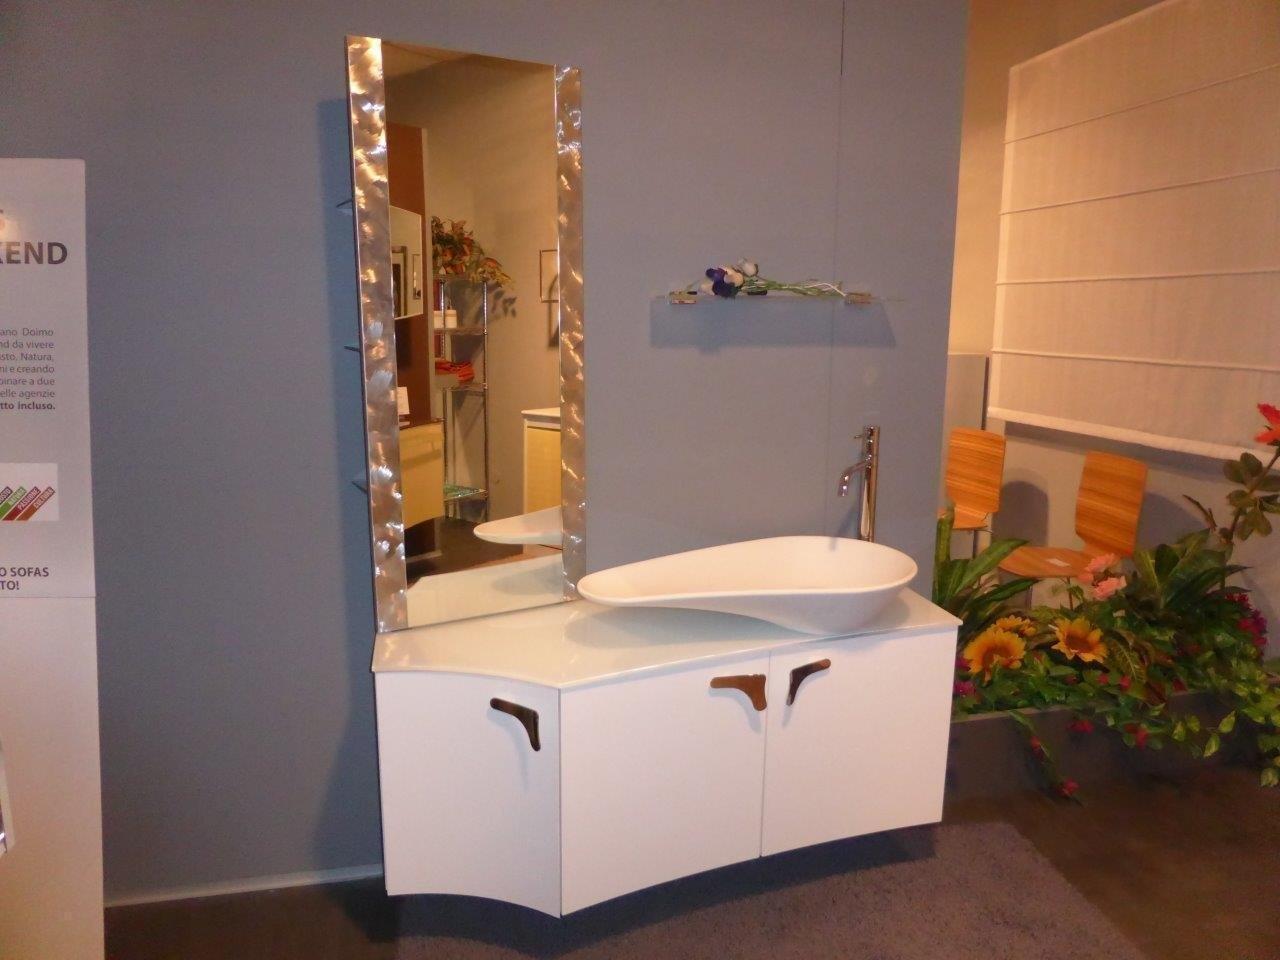 Bagno bianco lucido scontato arredo bagno a prezzi scontati for Arredo bagno bianco